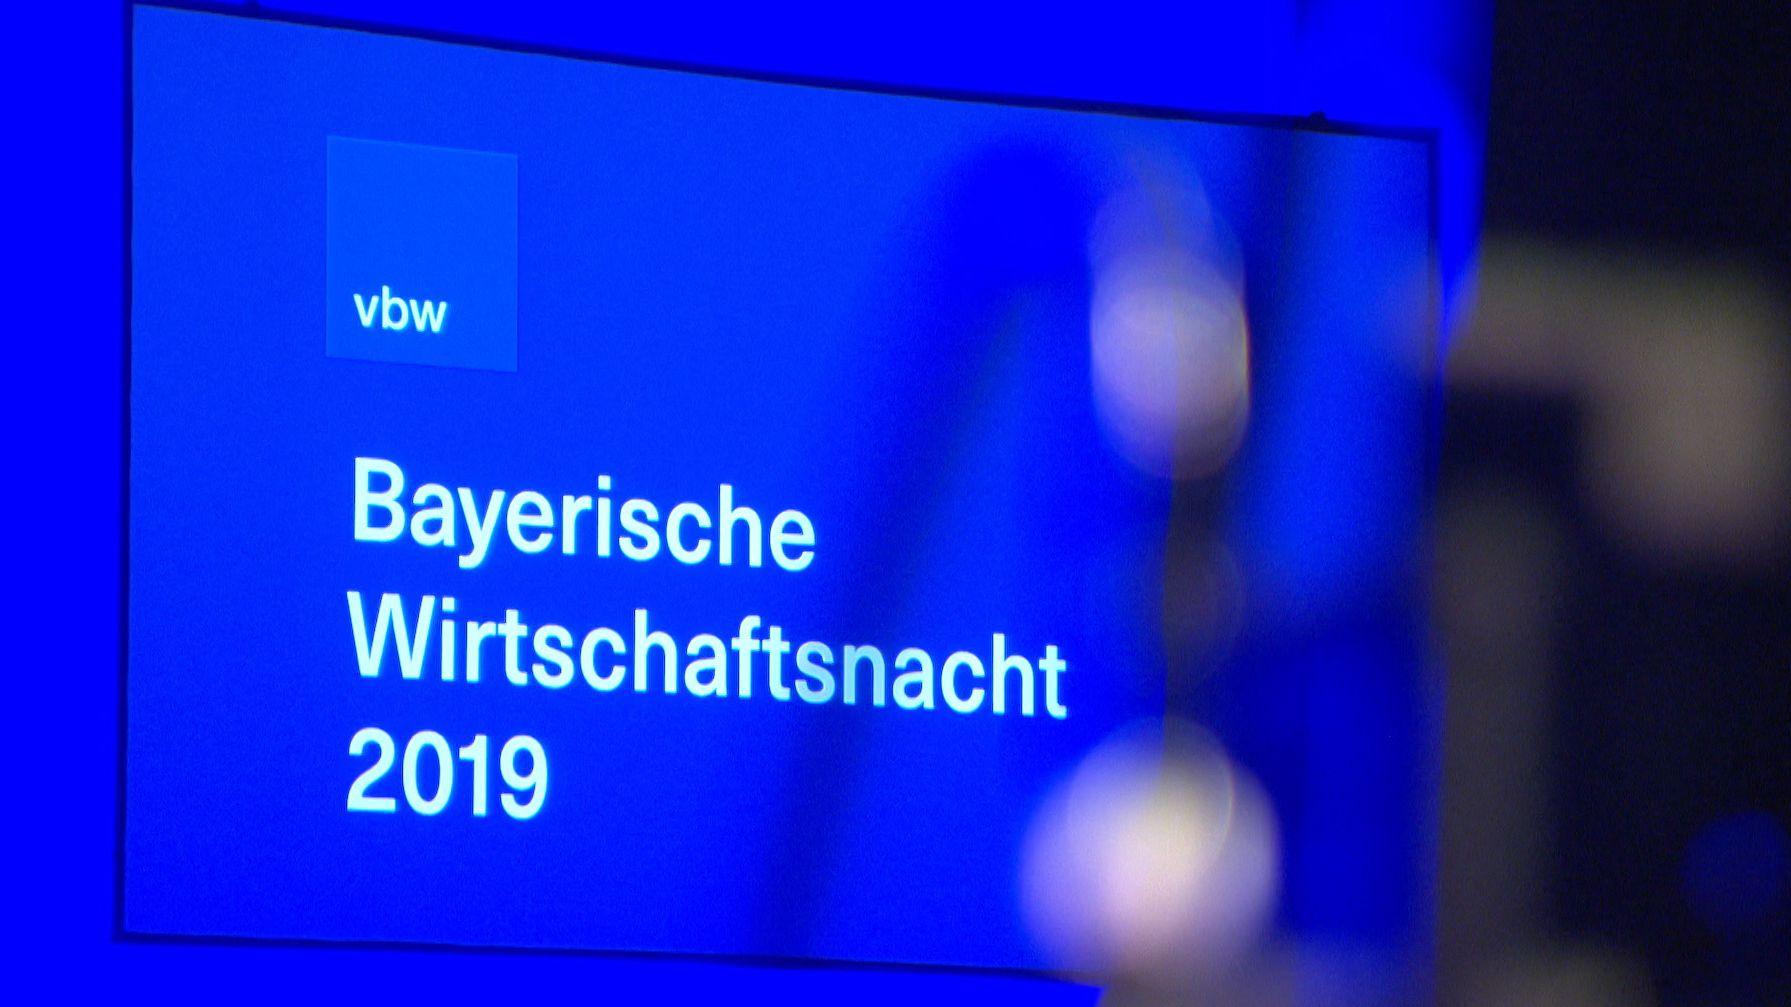 Die Nacht der Bayerischen Wirtschaft